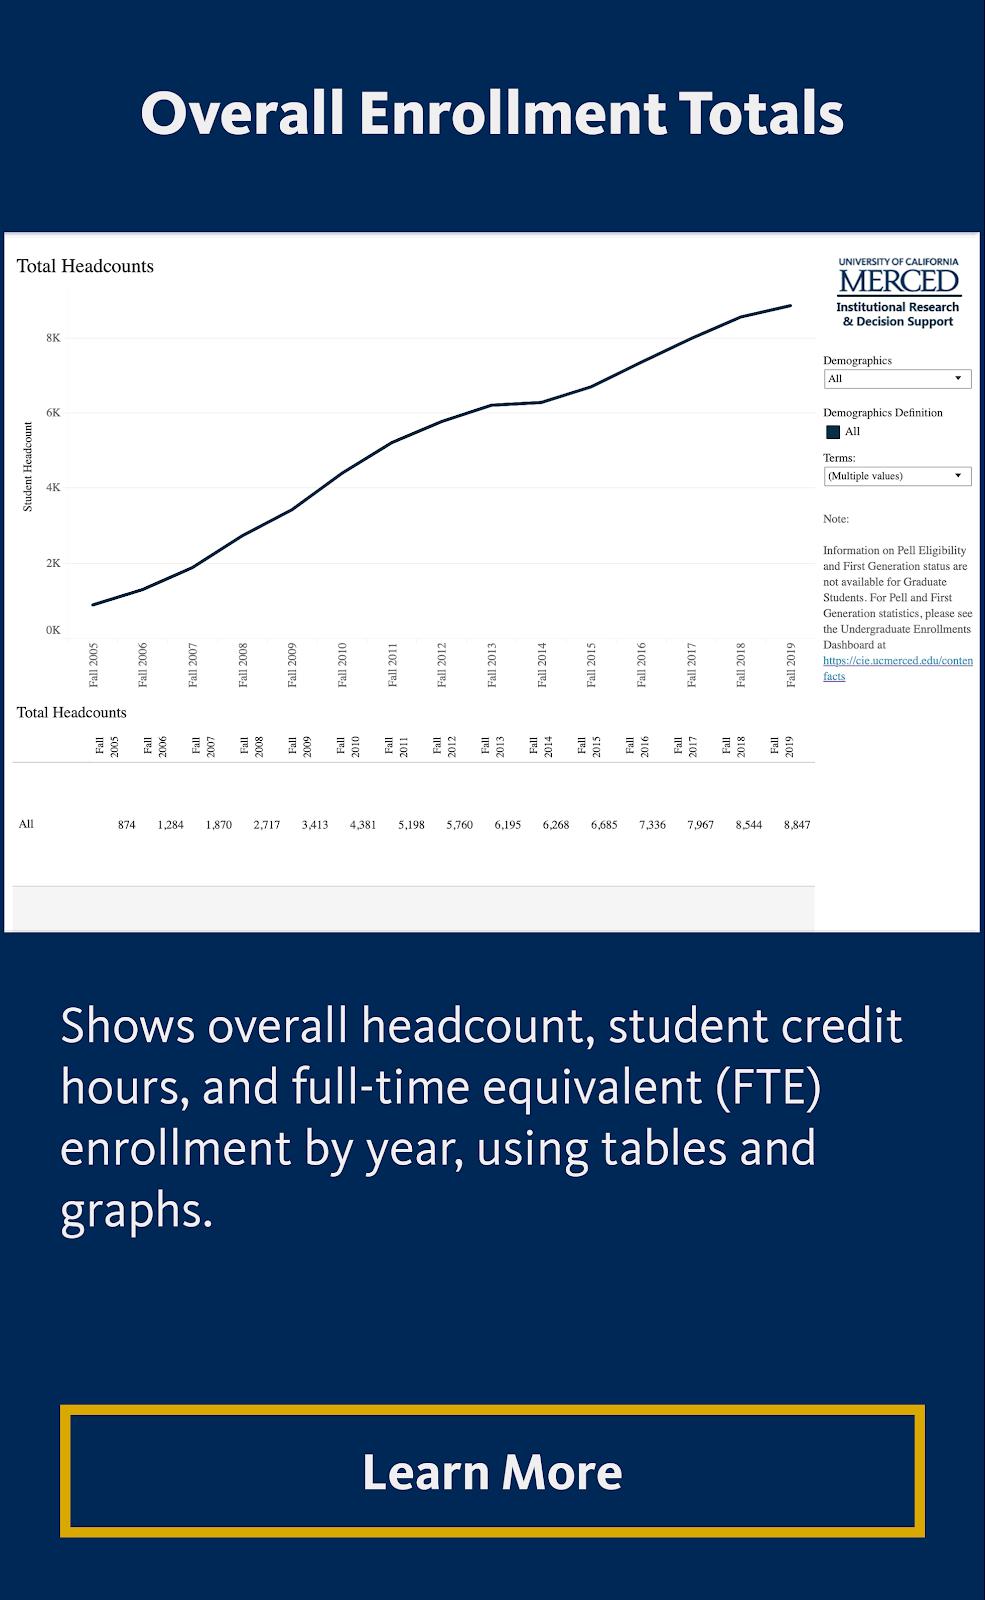 Overall Enrollments Totals